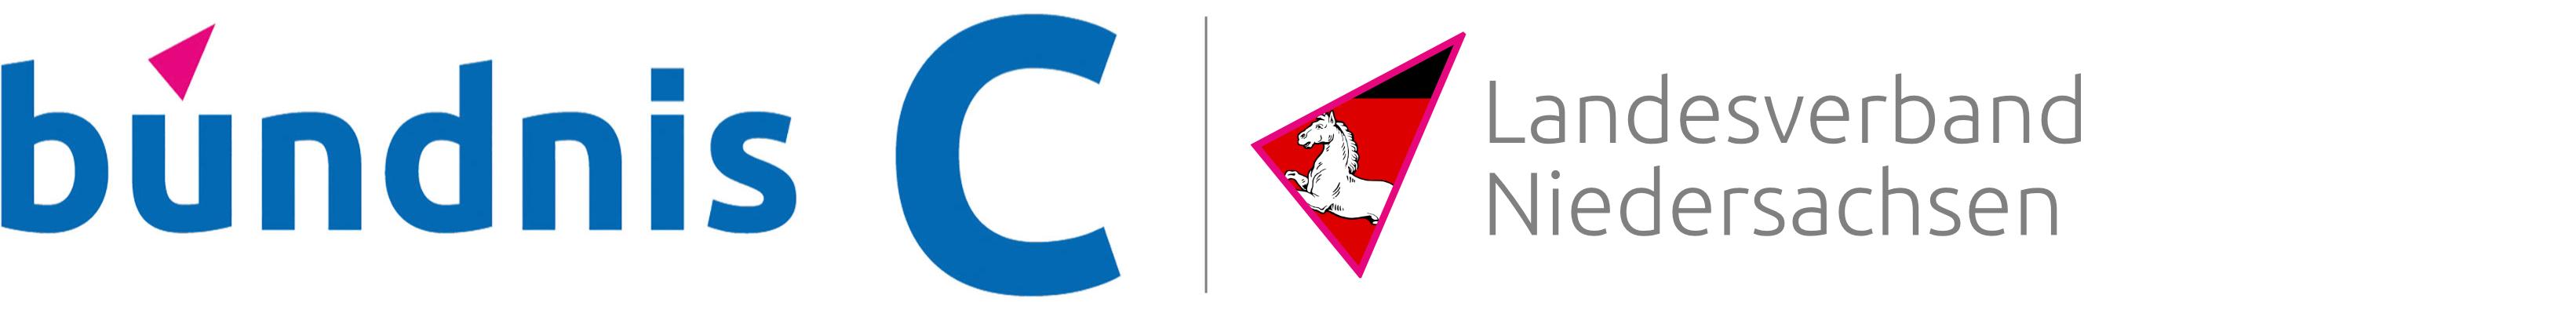 Bündnis C | Landesverband Niedersachsen